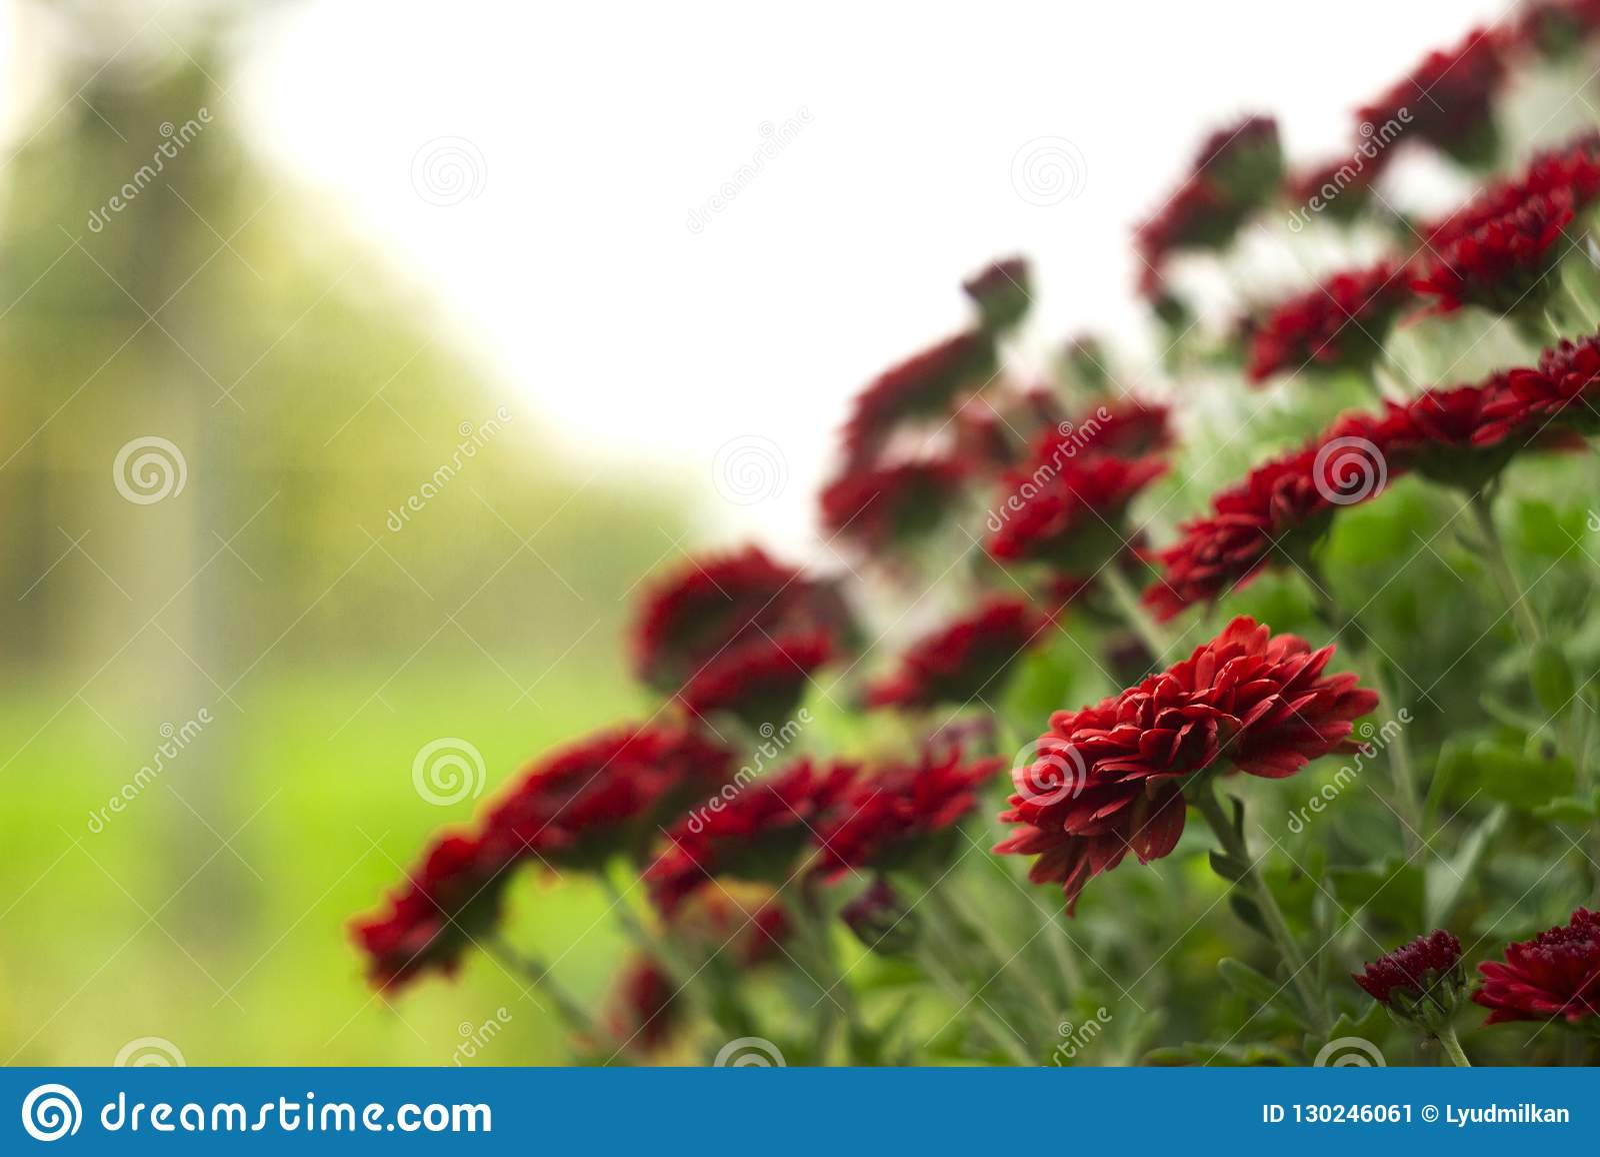 Κόκκινα χρυσάνθεμα στον κήπο, φωτεινά λουλούδια φθινοπώρου όπως chamomile